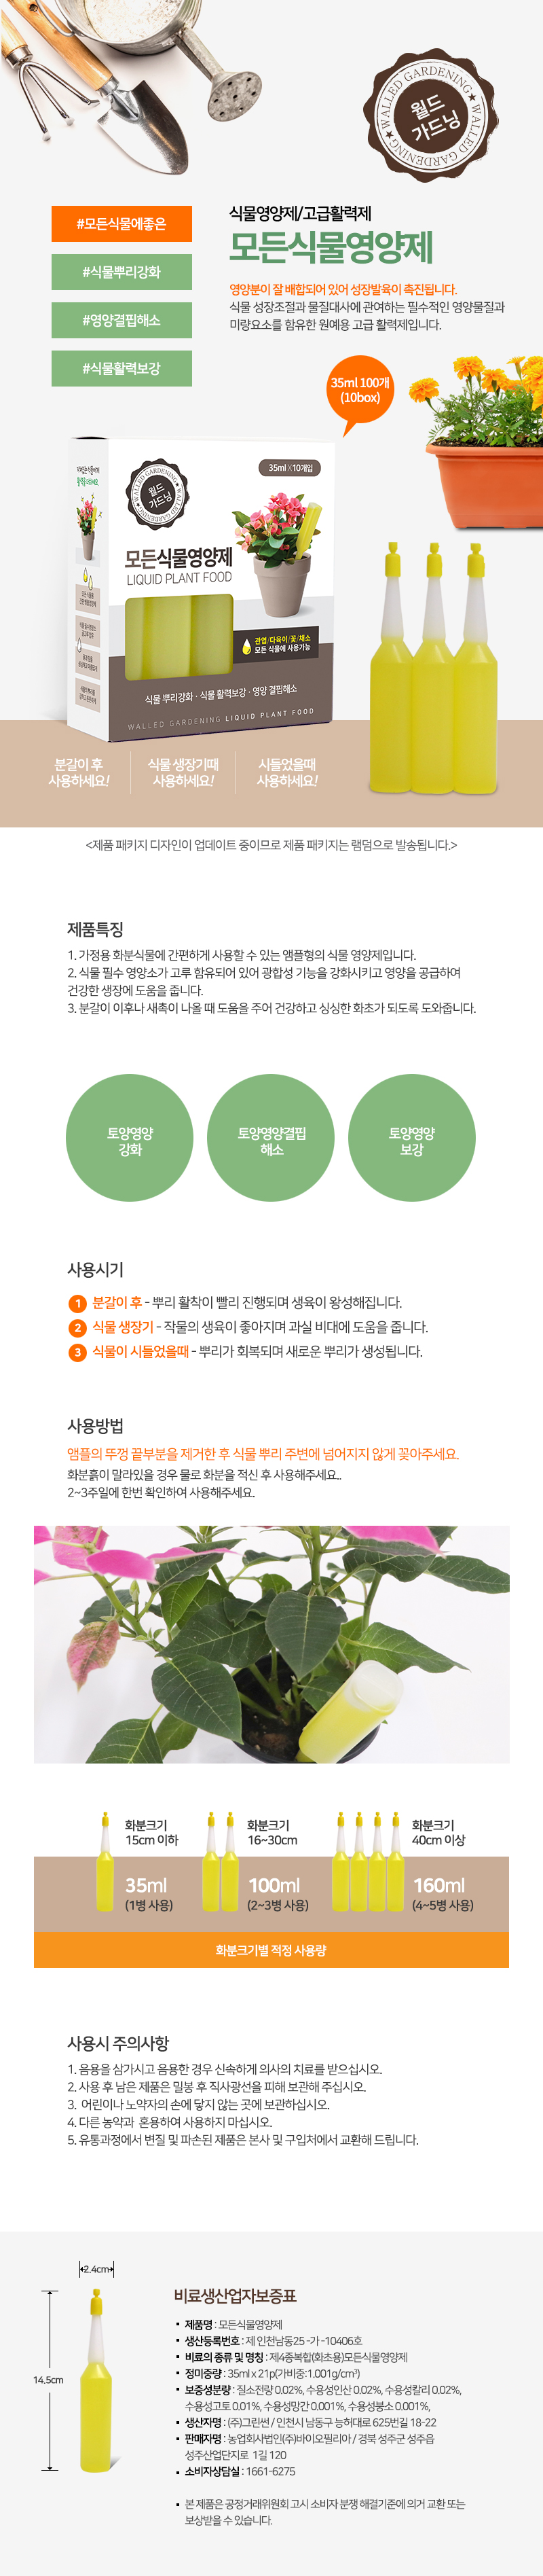 식물영양제 100개  식물영양제 식물앰플 화분영양제 - 화분월드, 7,900원, 새싹/모종키우기, 흙/비료/영양제